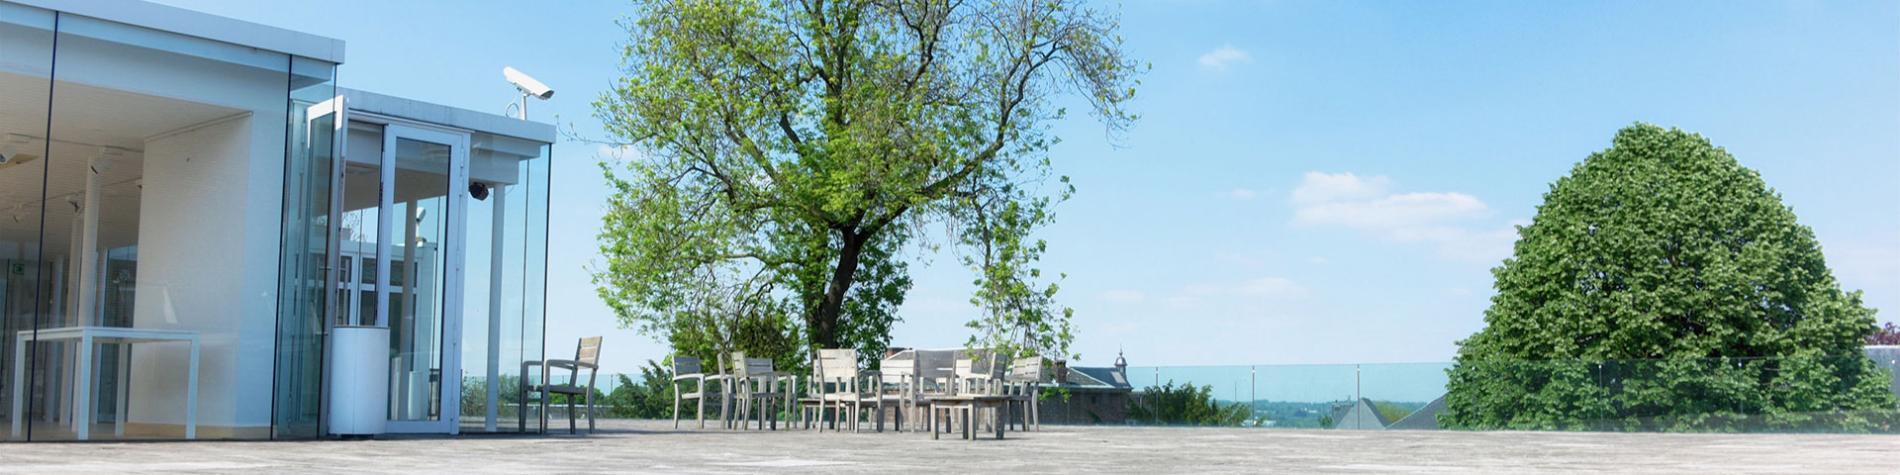 BAM - Musée des Beaux-Arts de Mons - espace de création culturelle - XXe siècle - expositions temporaires - permanente